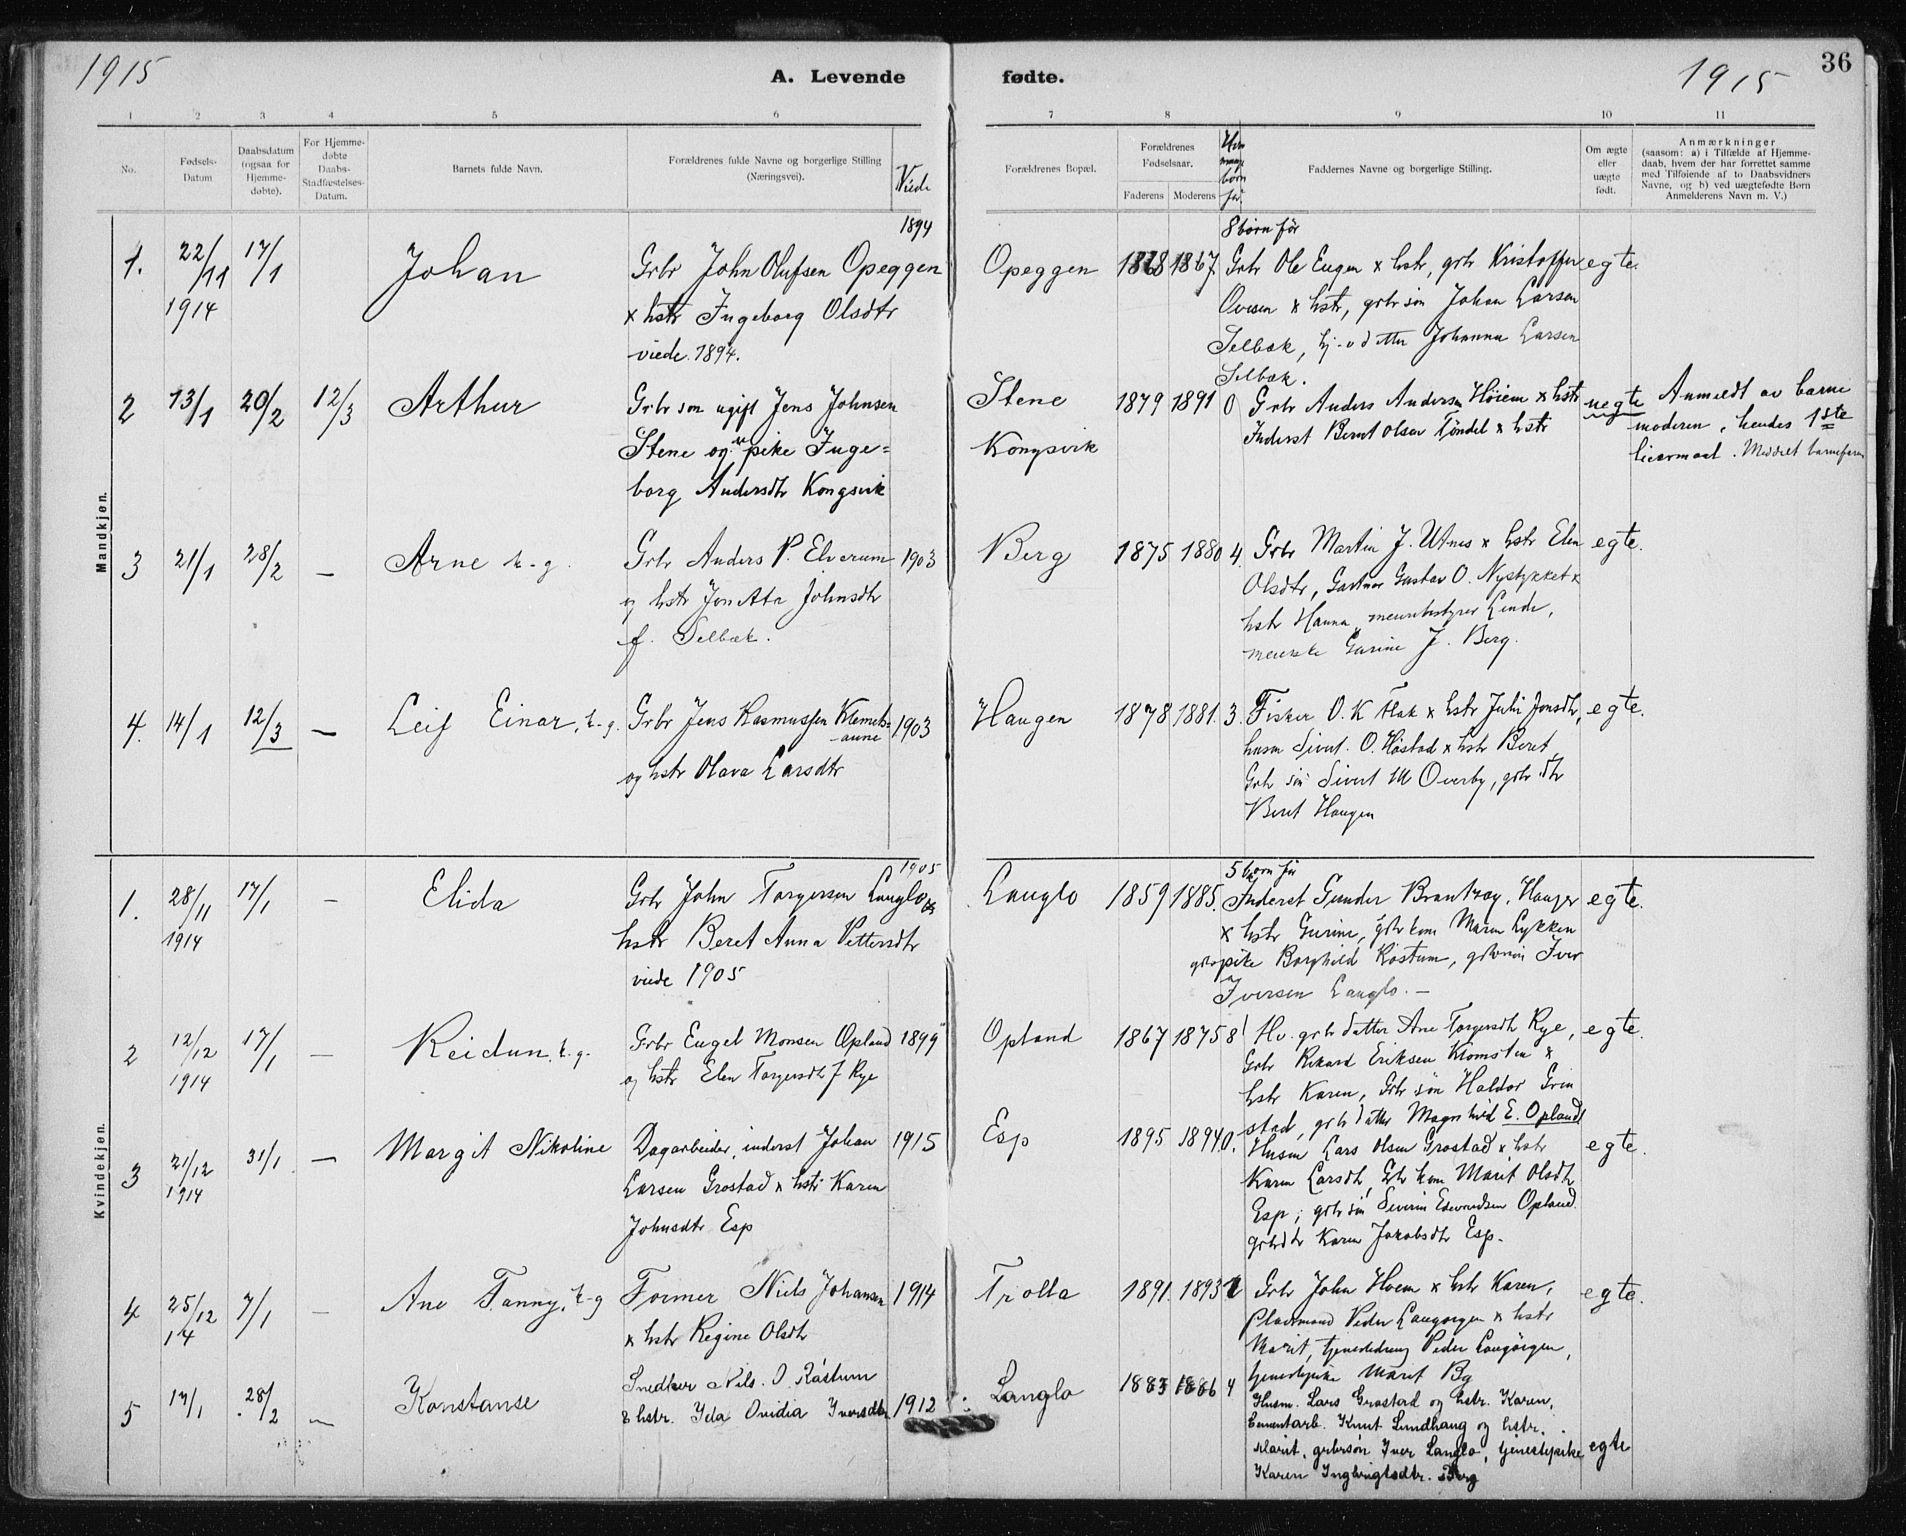 SAT, Ministerialprotokoller, klokkerbøker og fødselsregistre - Sør-Trøndelag, 612/L0381: Ministerialbok nr. 612A13, 1907-1923, s. 36